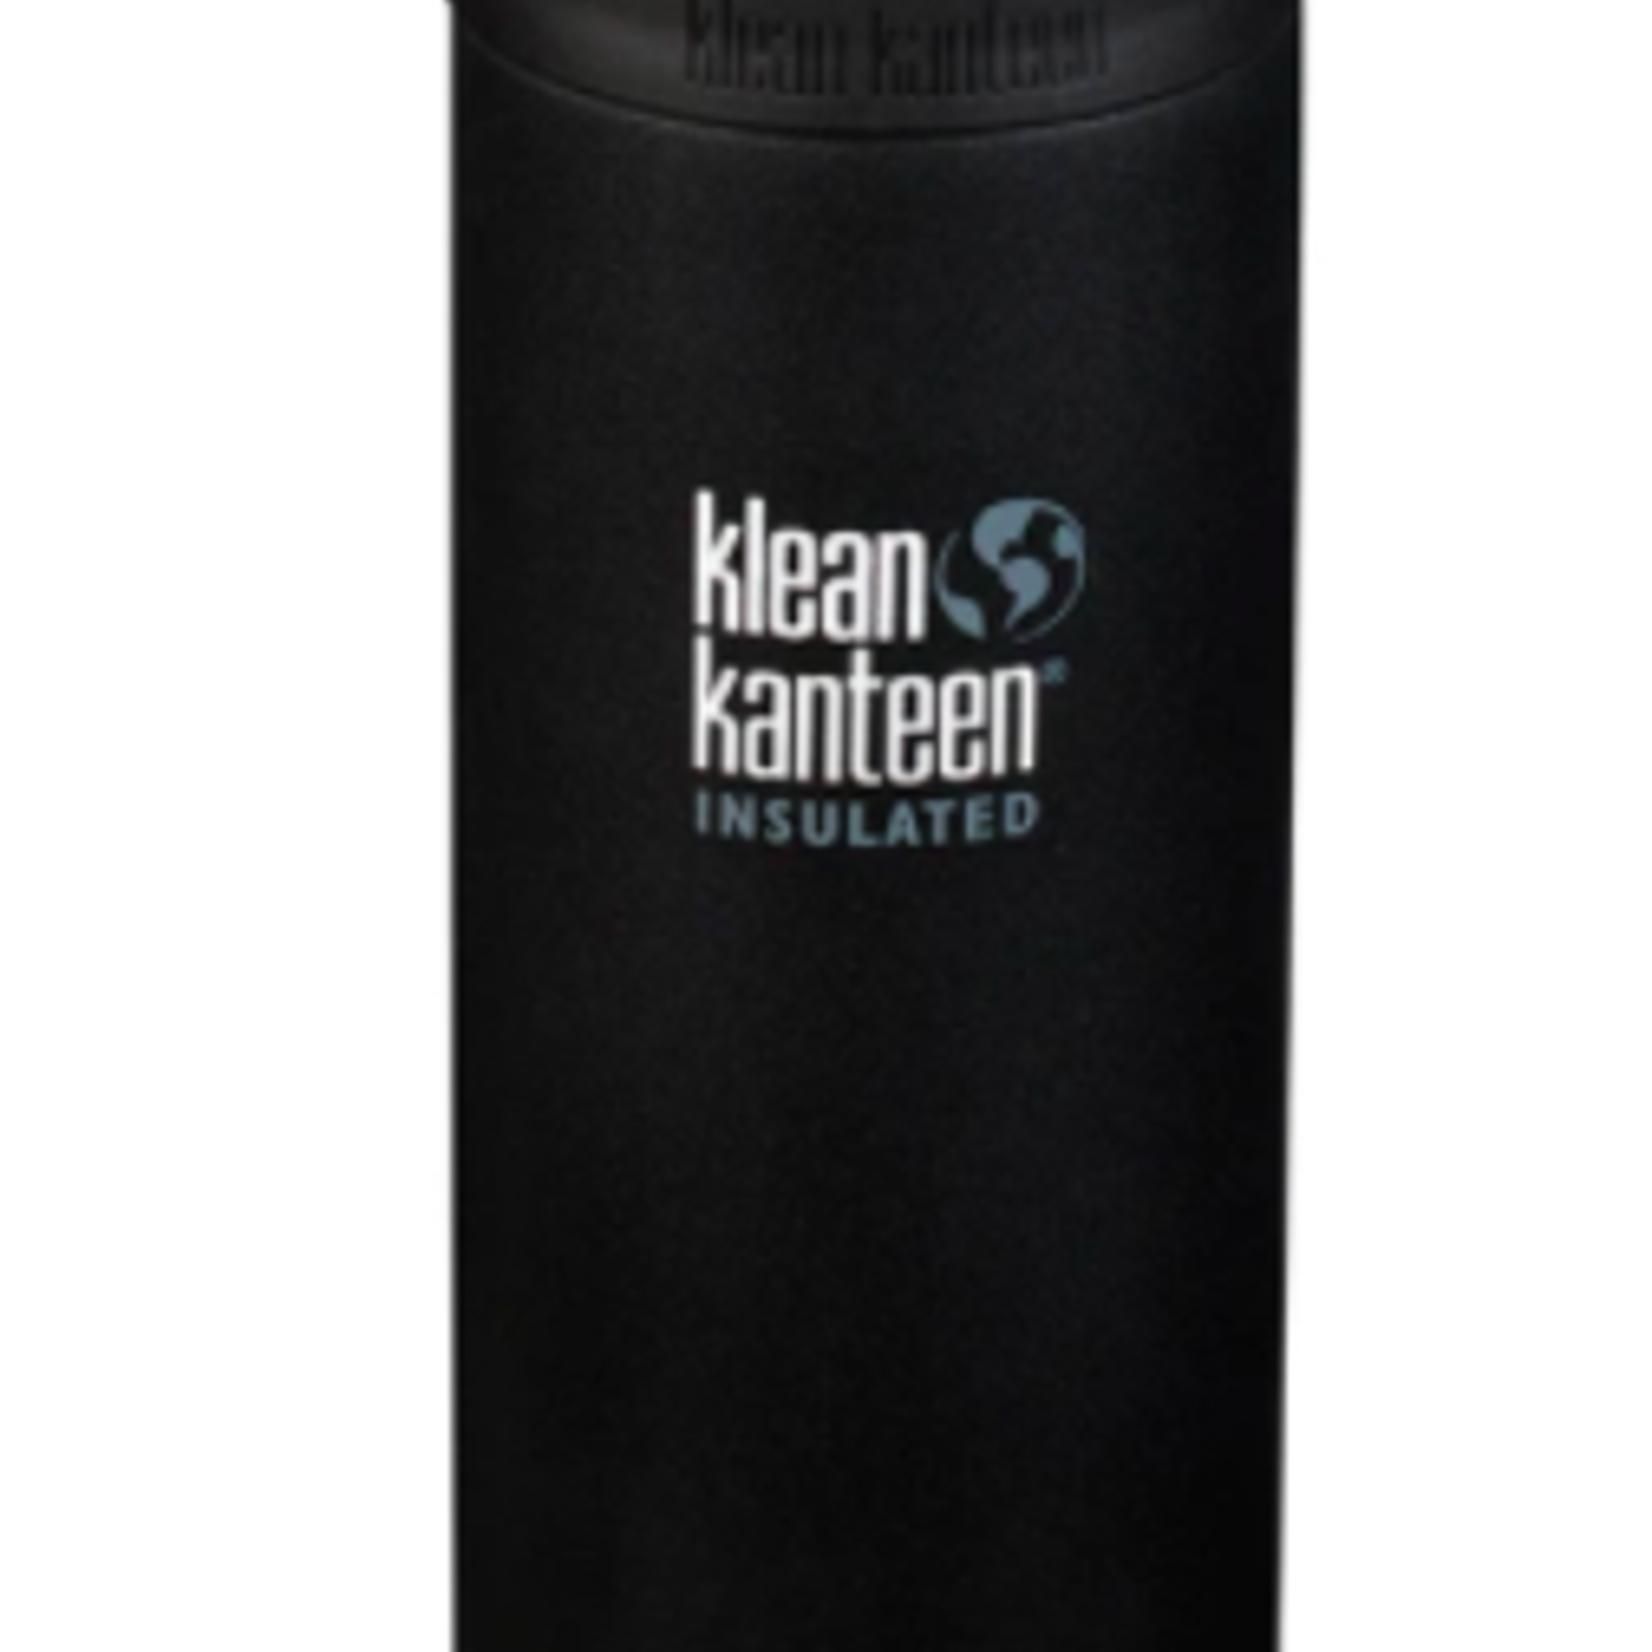 Klean Kanteen 16 oz. Insulated TKWide Bottle